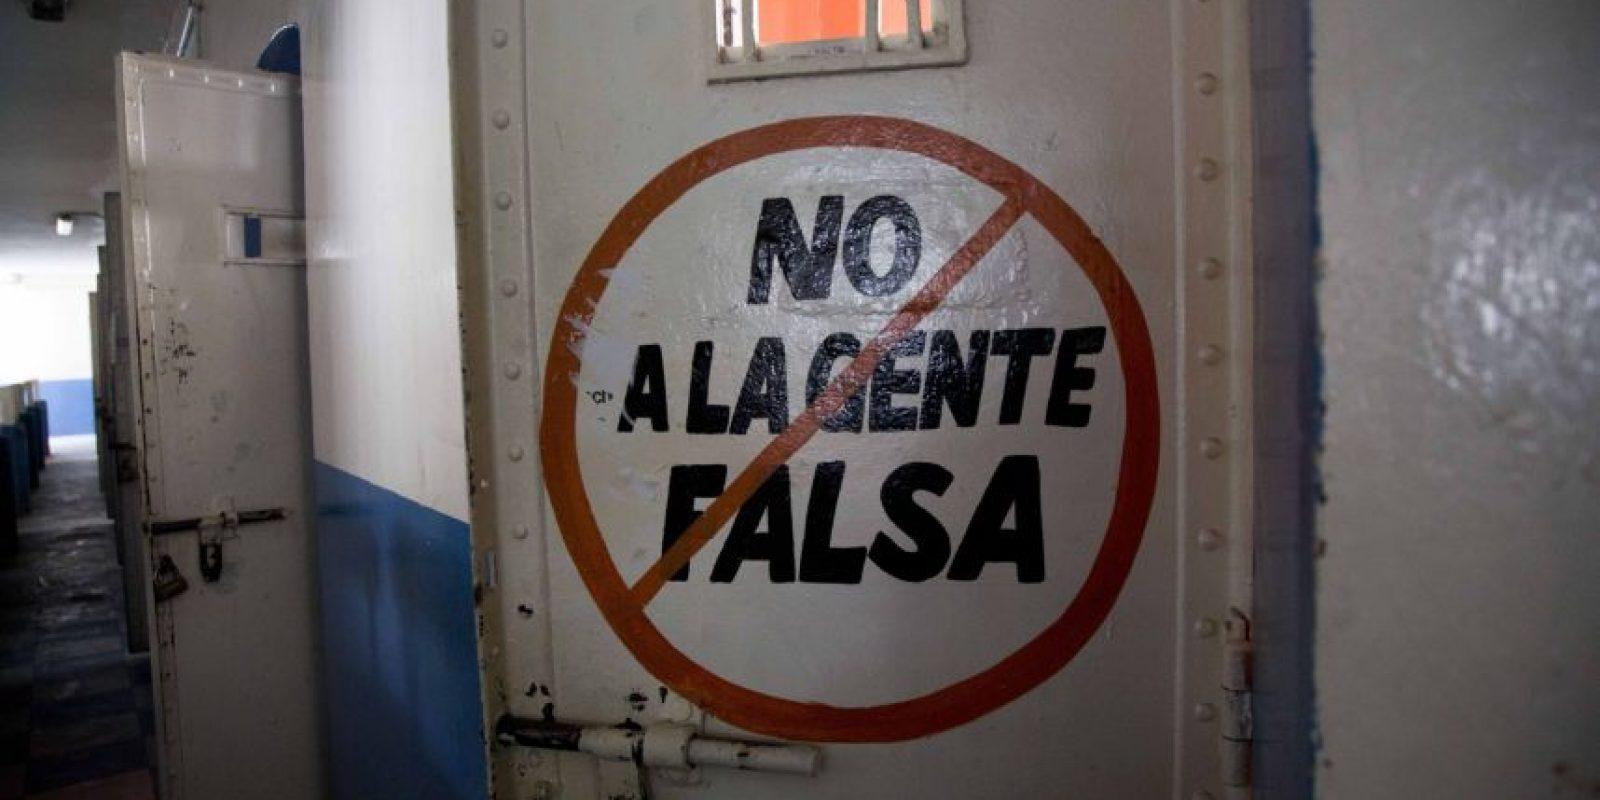 """En esta imagen del 16 de abril de 2015, el exterior de una puerta de celda con las palabras """"No a la gente falsa"""" en la ahora vacía cárcel García Moreno, durante una visita guiada al público en Quito, Ecuador. Presos ricos y pobres, buenos y malos, culpables e inocentes emplearon las paredes del penal para registrar sus días. Foto:AP/ Dolores Ochoa"""